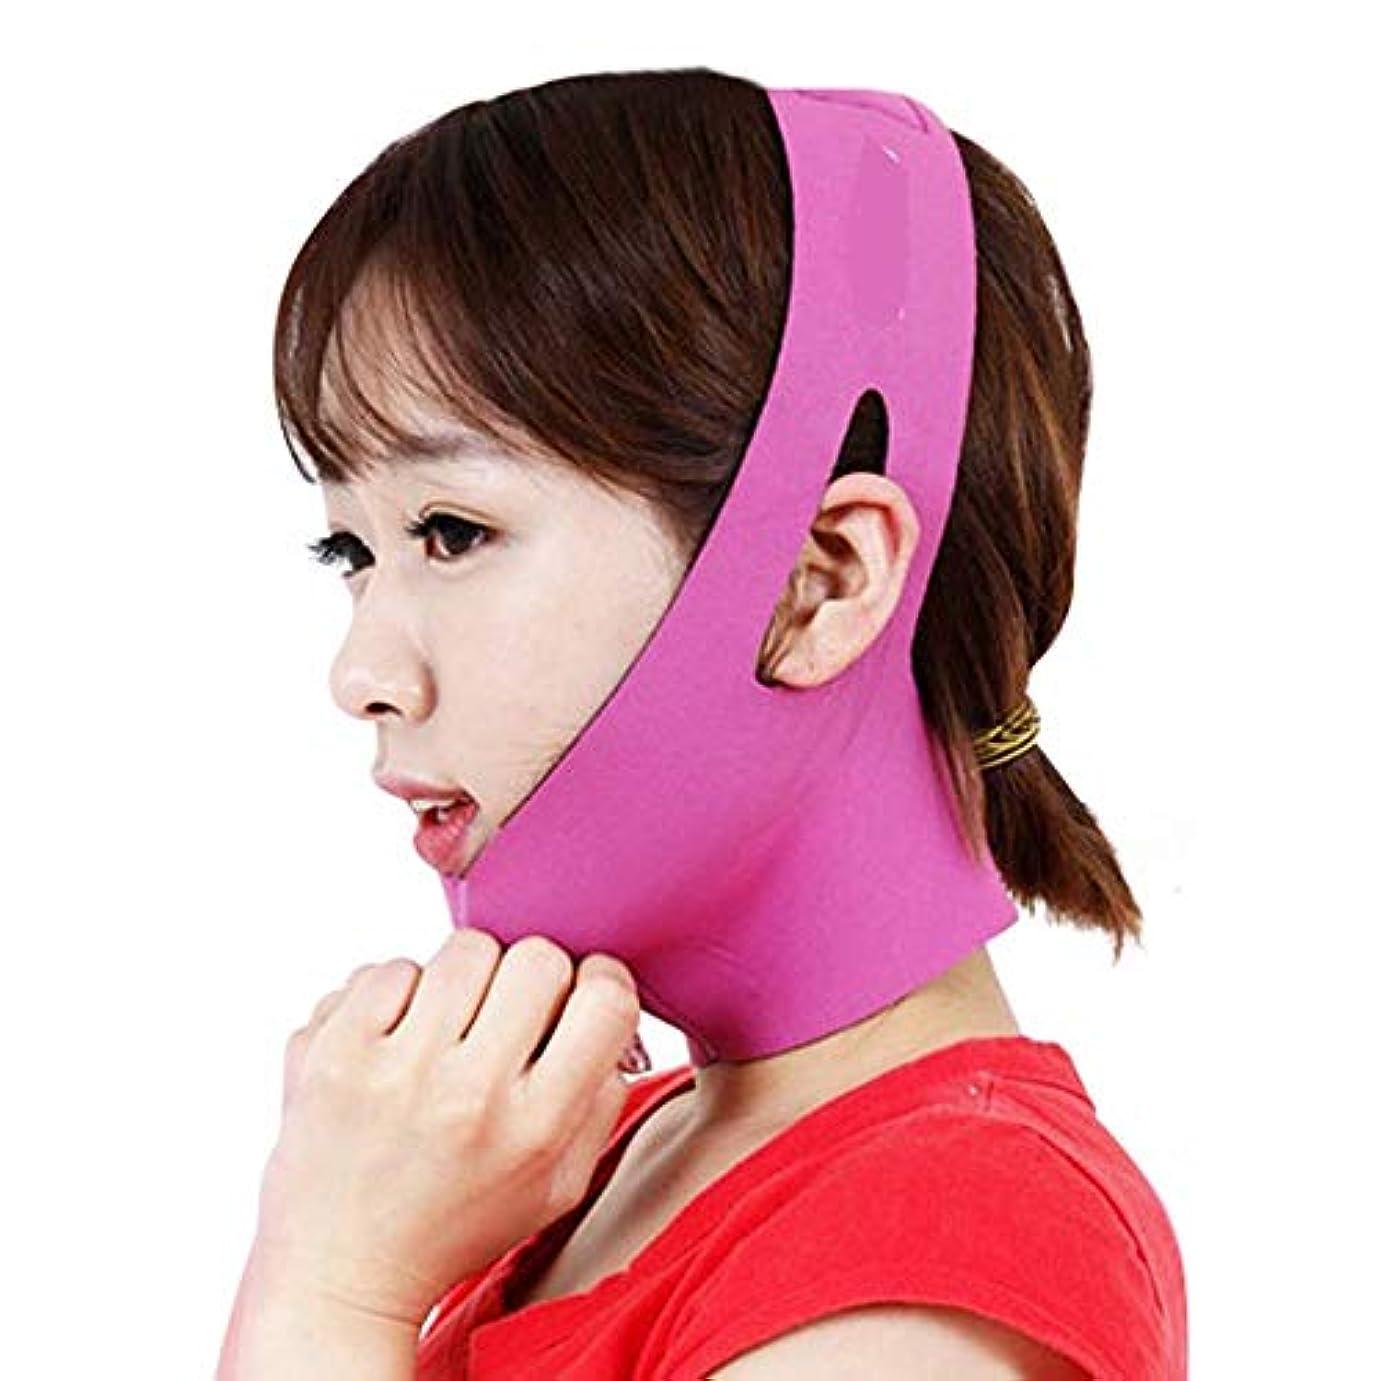 検閲時制ピンポイントBS フェイシャルリフティング痩身ベルト圧縮二重あご減量ベルトスキンケア薄い顔包帯二重あごワークアウト フェイスリフティングアーティファクト (Color : Pink)